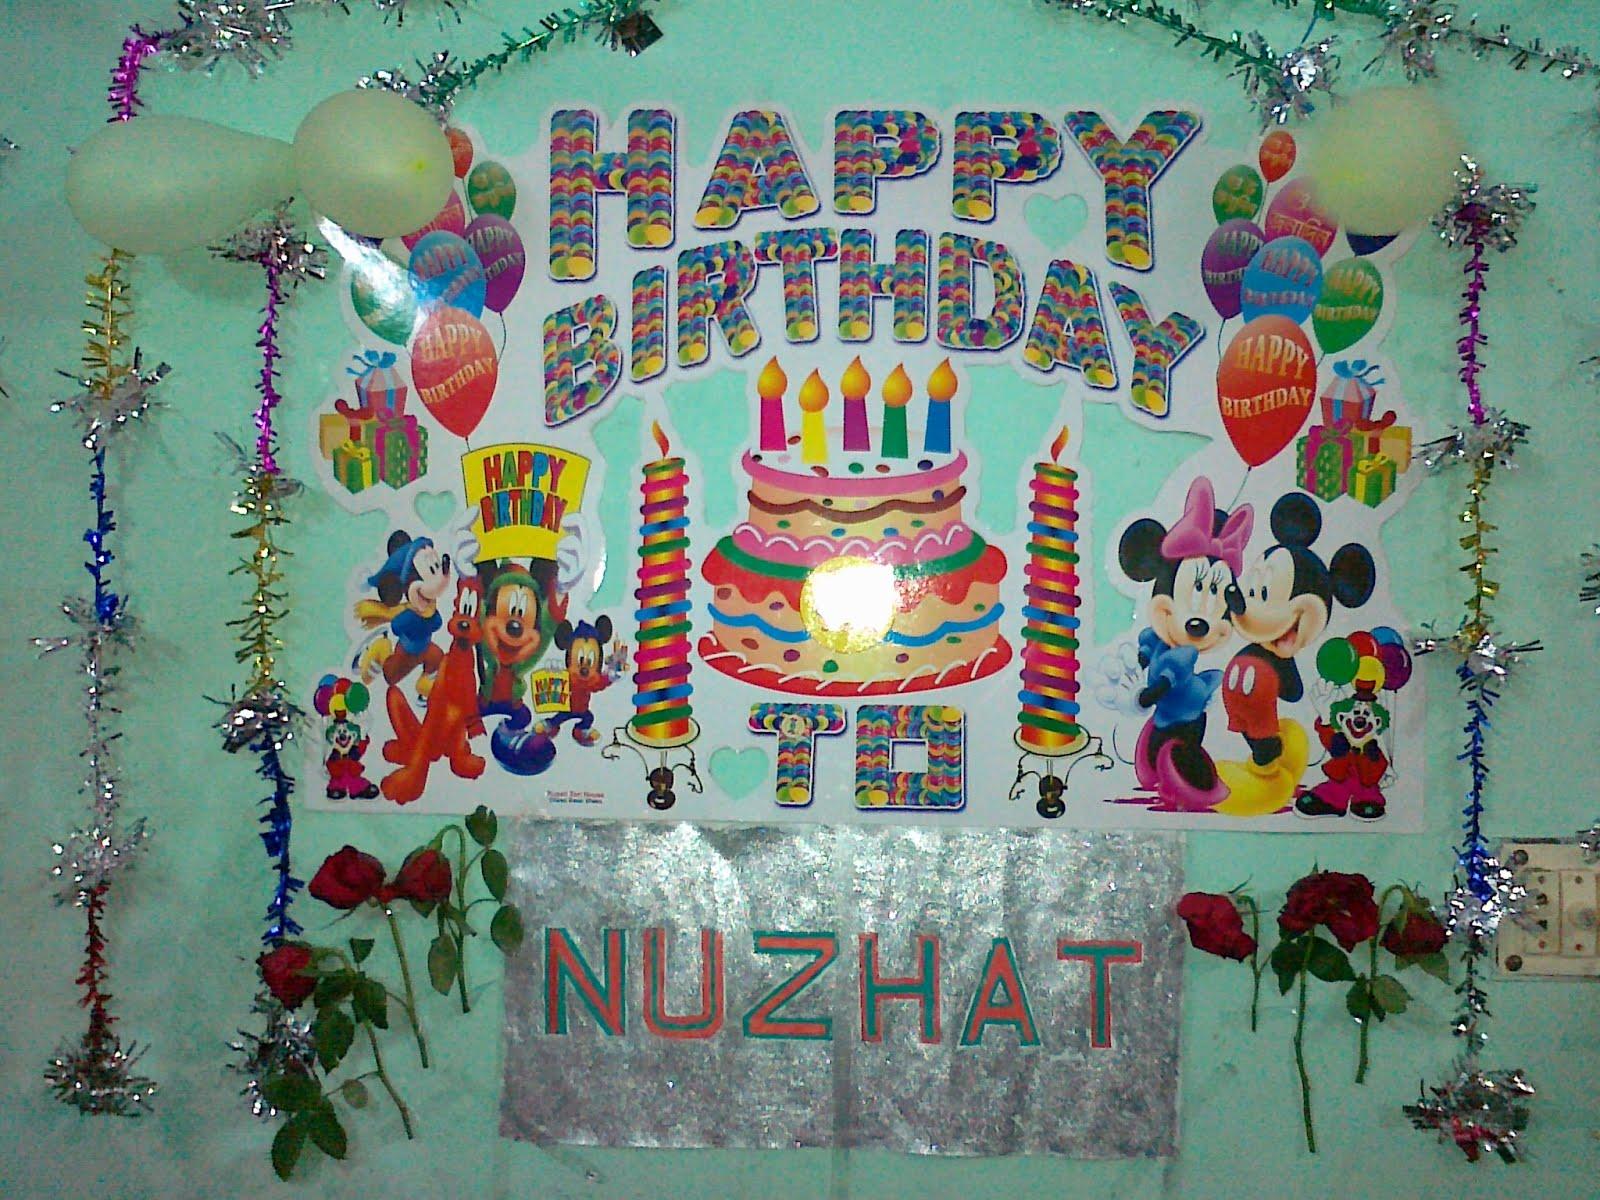 Md. Mamunur Rashid: Happy Birthday To Nuzhat